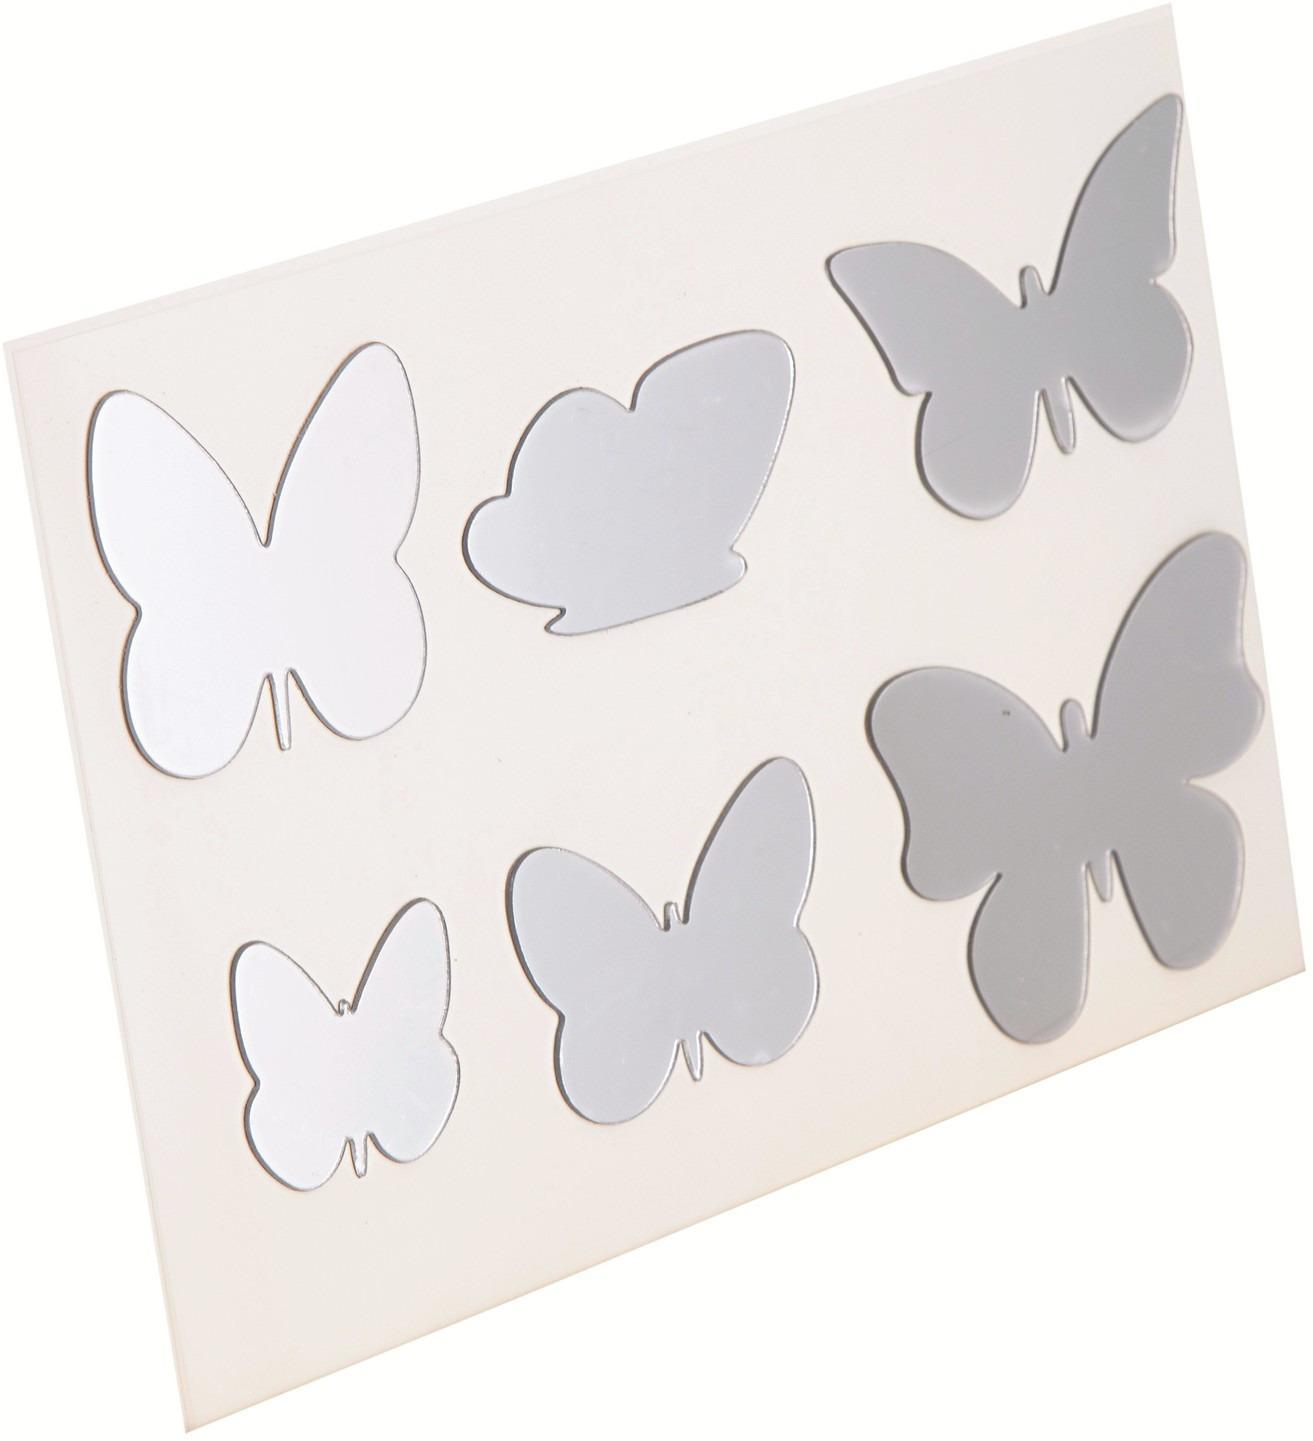 Nalepovacie zrkadlo Motýle, 6 ks